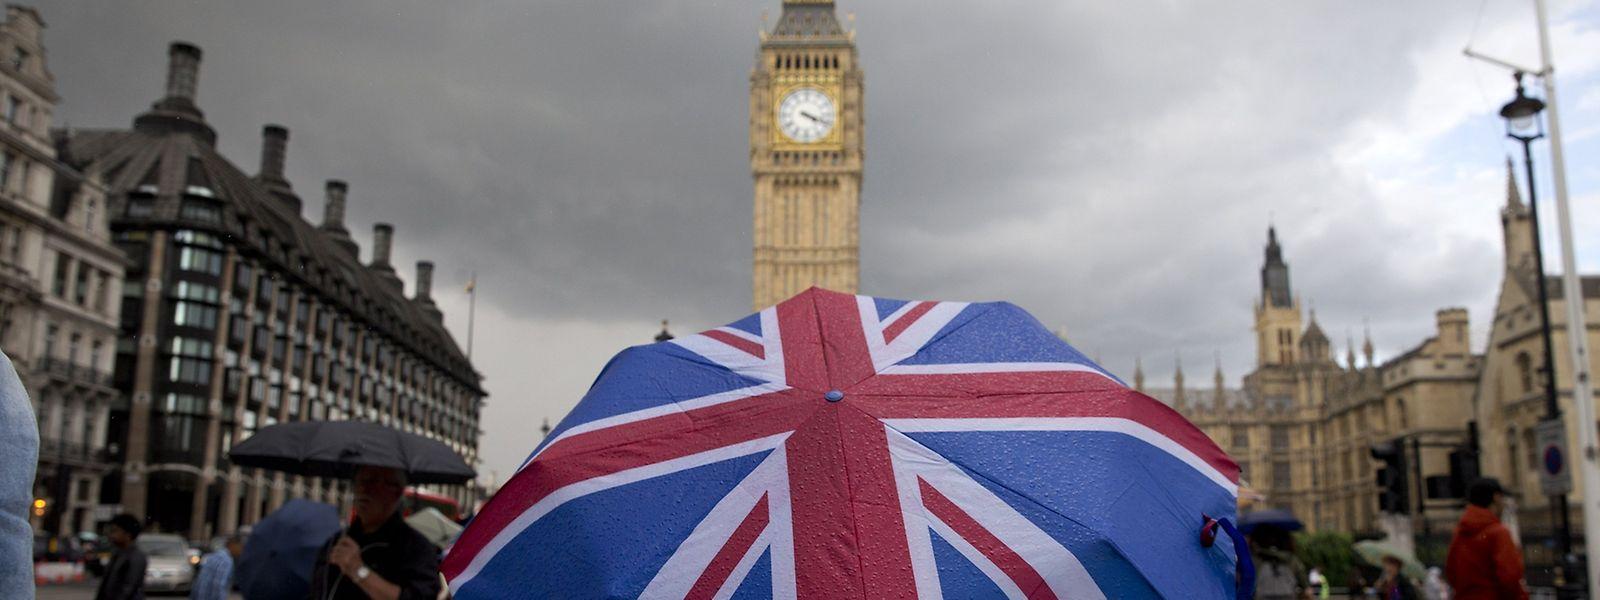 """Die Briten haben sich für ein """"Out"""" aus der EU entschieden. Einige scheinen jedoch mit dem Austritt keine Eile zu haben."""